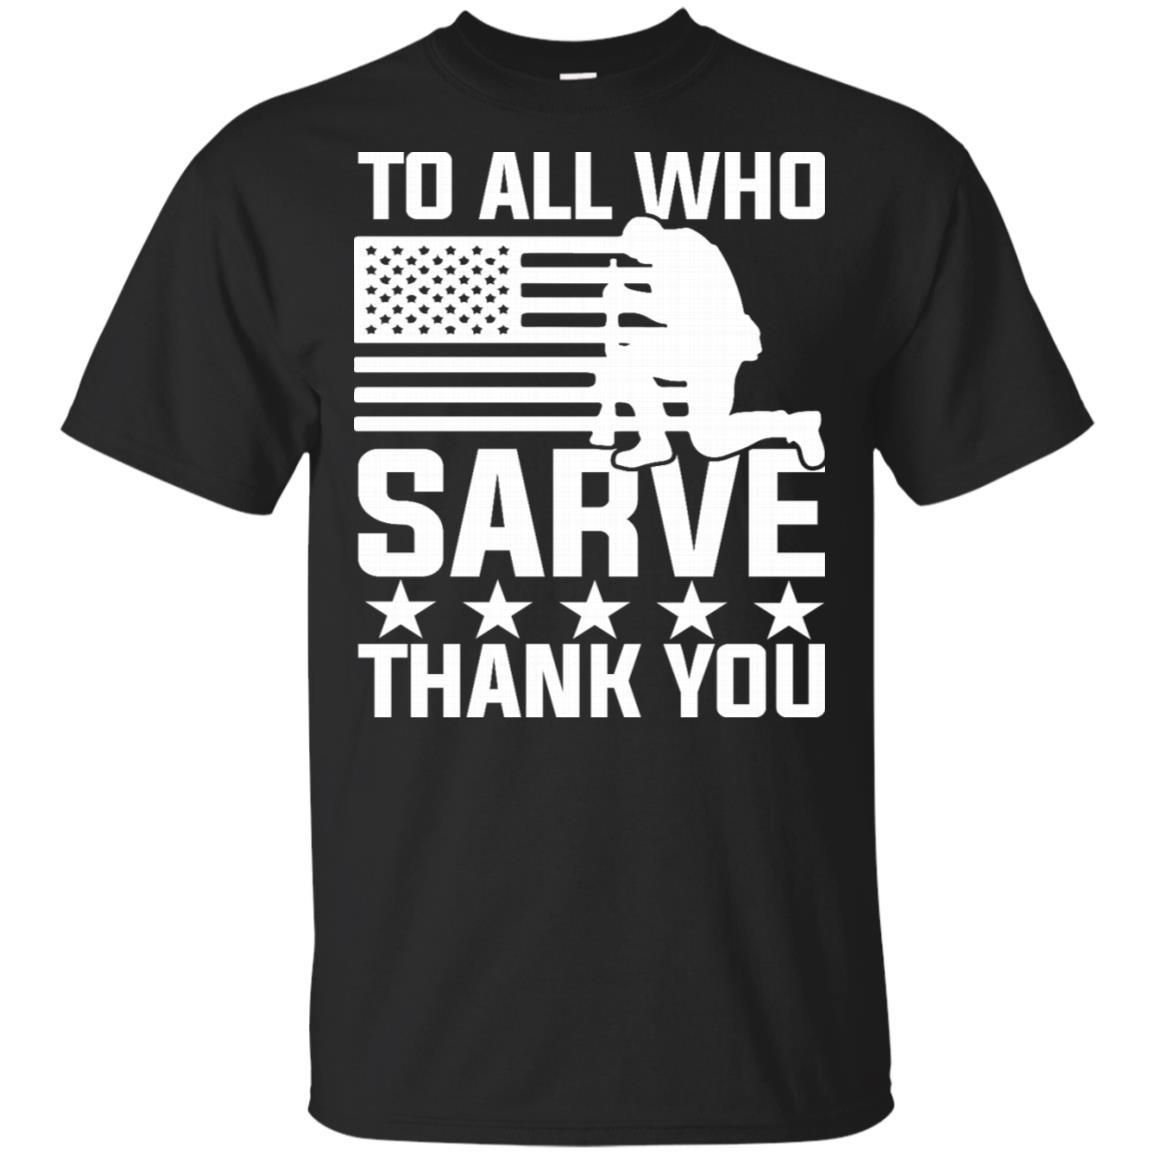 patriotic heroes soldier Veterans for veterans day Unisex Short Sleeve